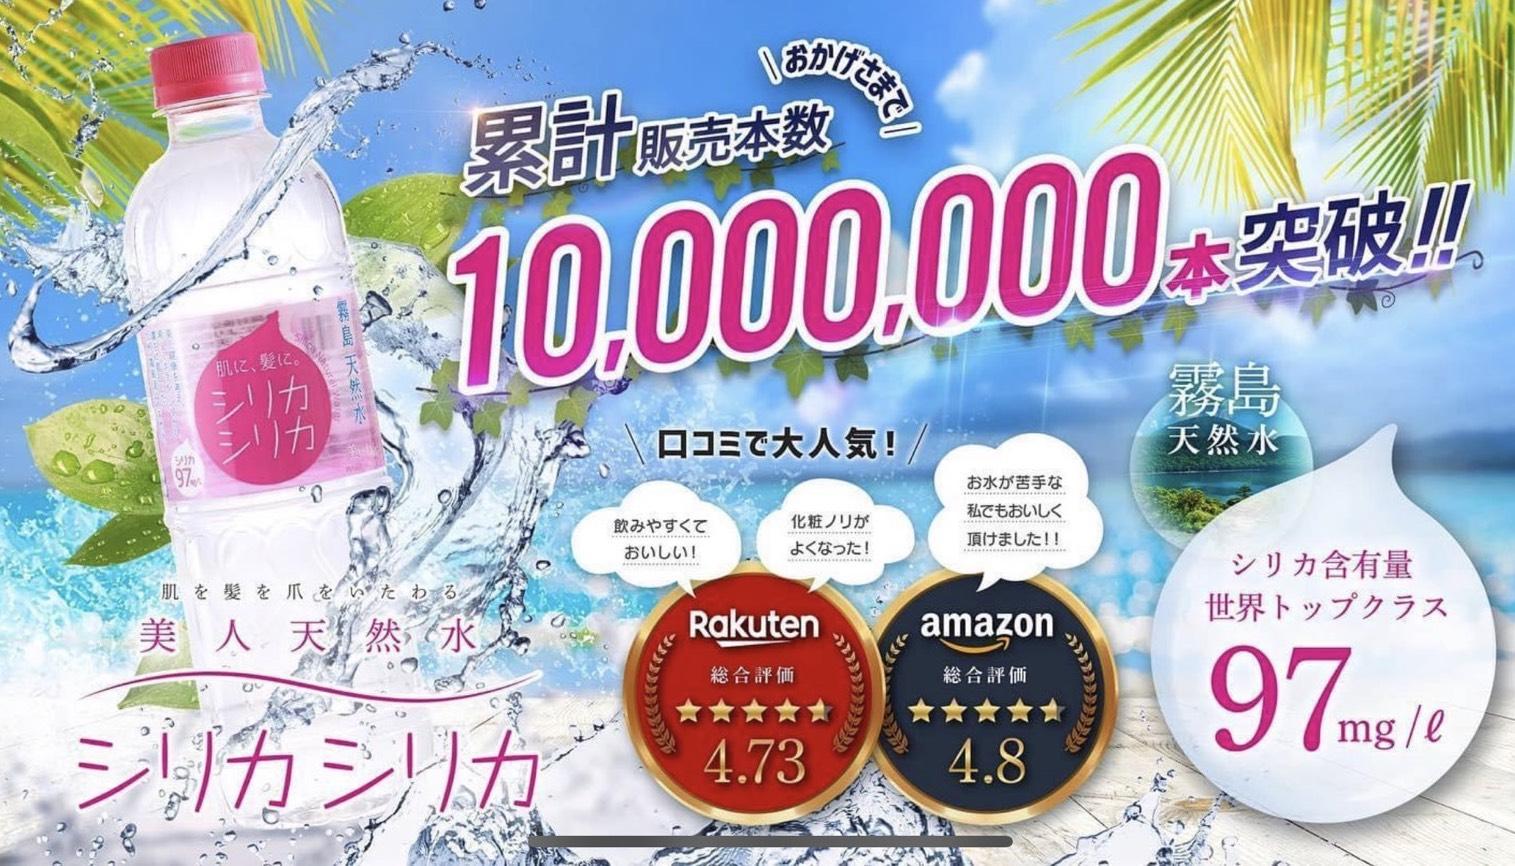 世界トップクラスのシリカ含有量  シリカ97mg/L 宮崎県霧島の天然水 美いね!シリカシリカ【送料無料】